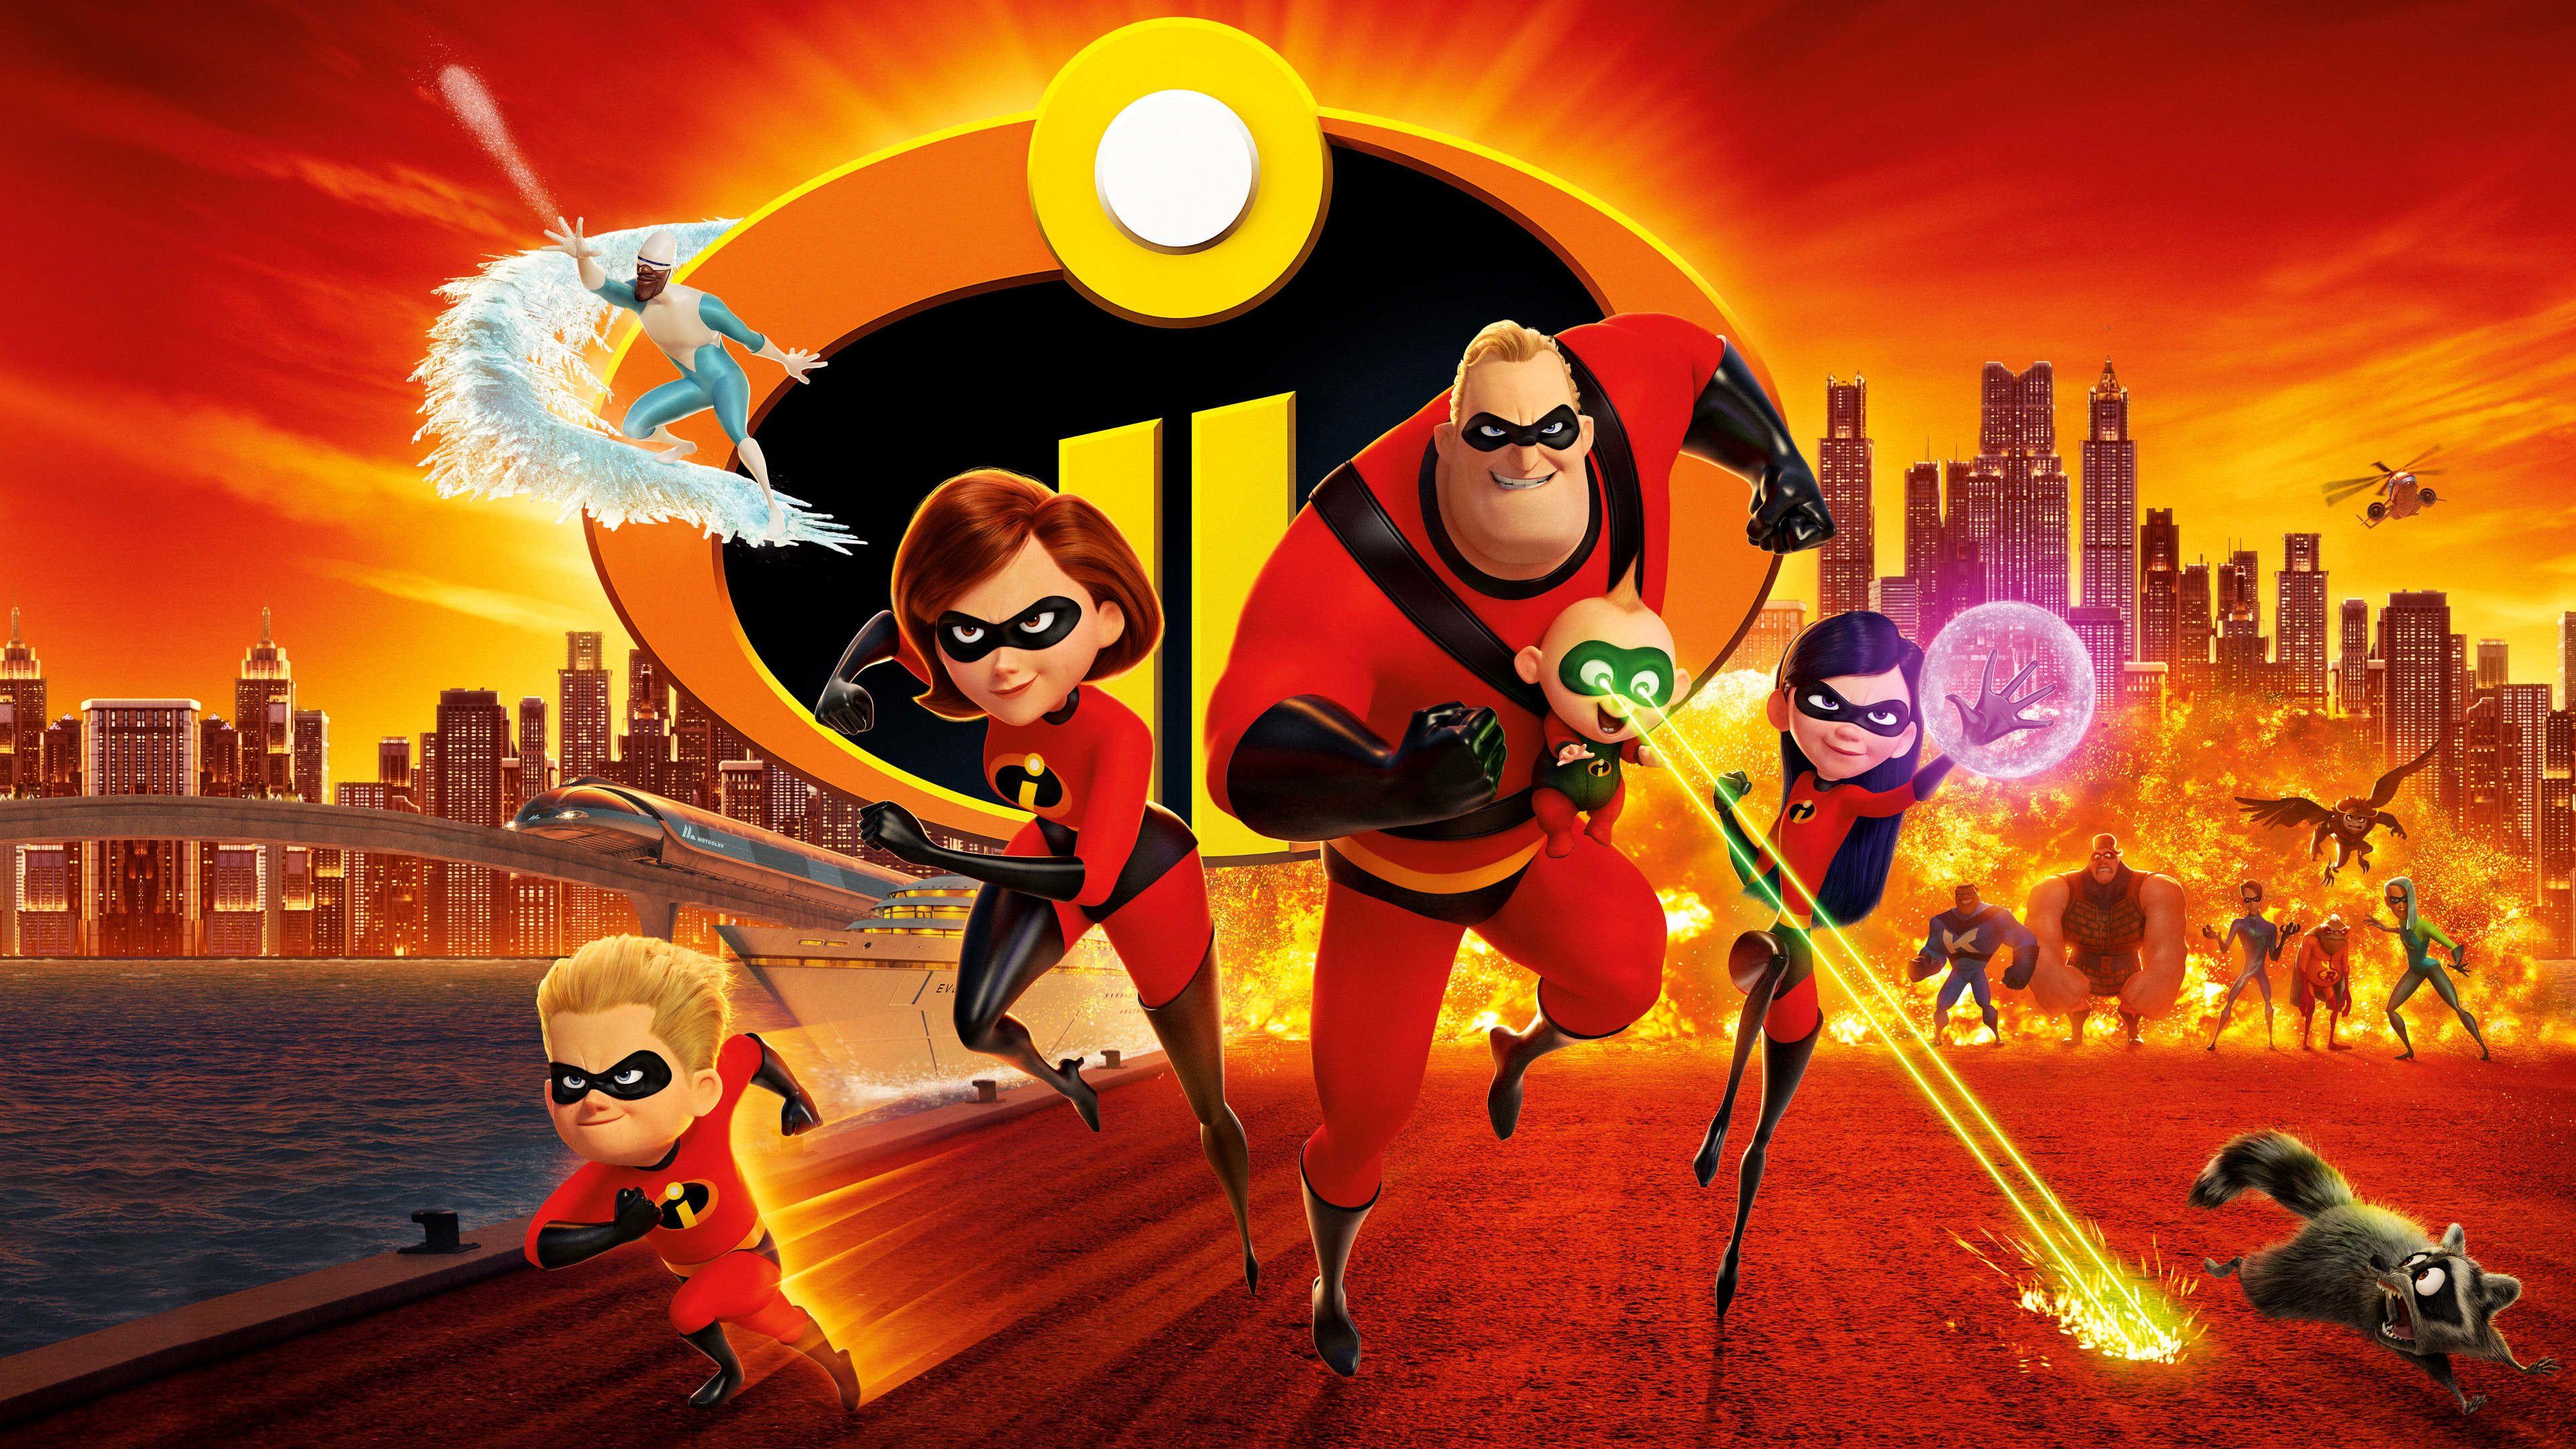 Watch Incredibles 2 2018 Full Movie Online Free Elastigirl Springs Into Action To Save The Day While Mr Inc Ganze Filme Ganzer Film Deutsch Filme Deutsch